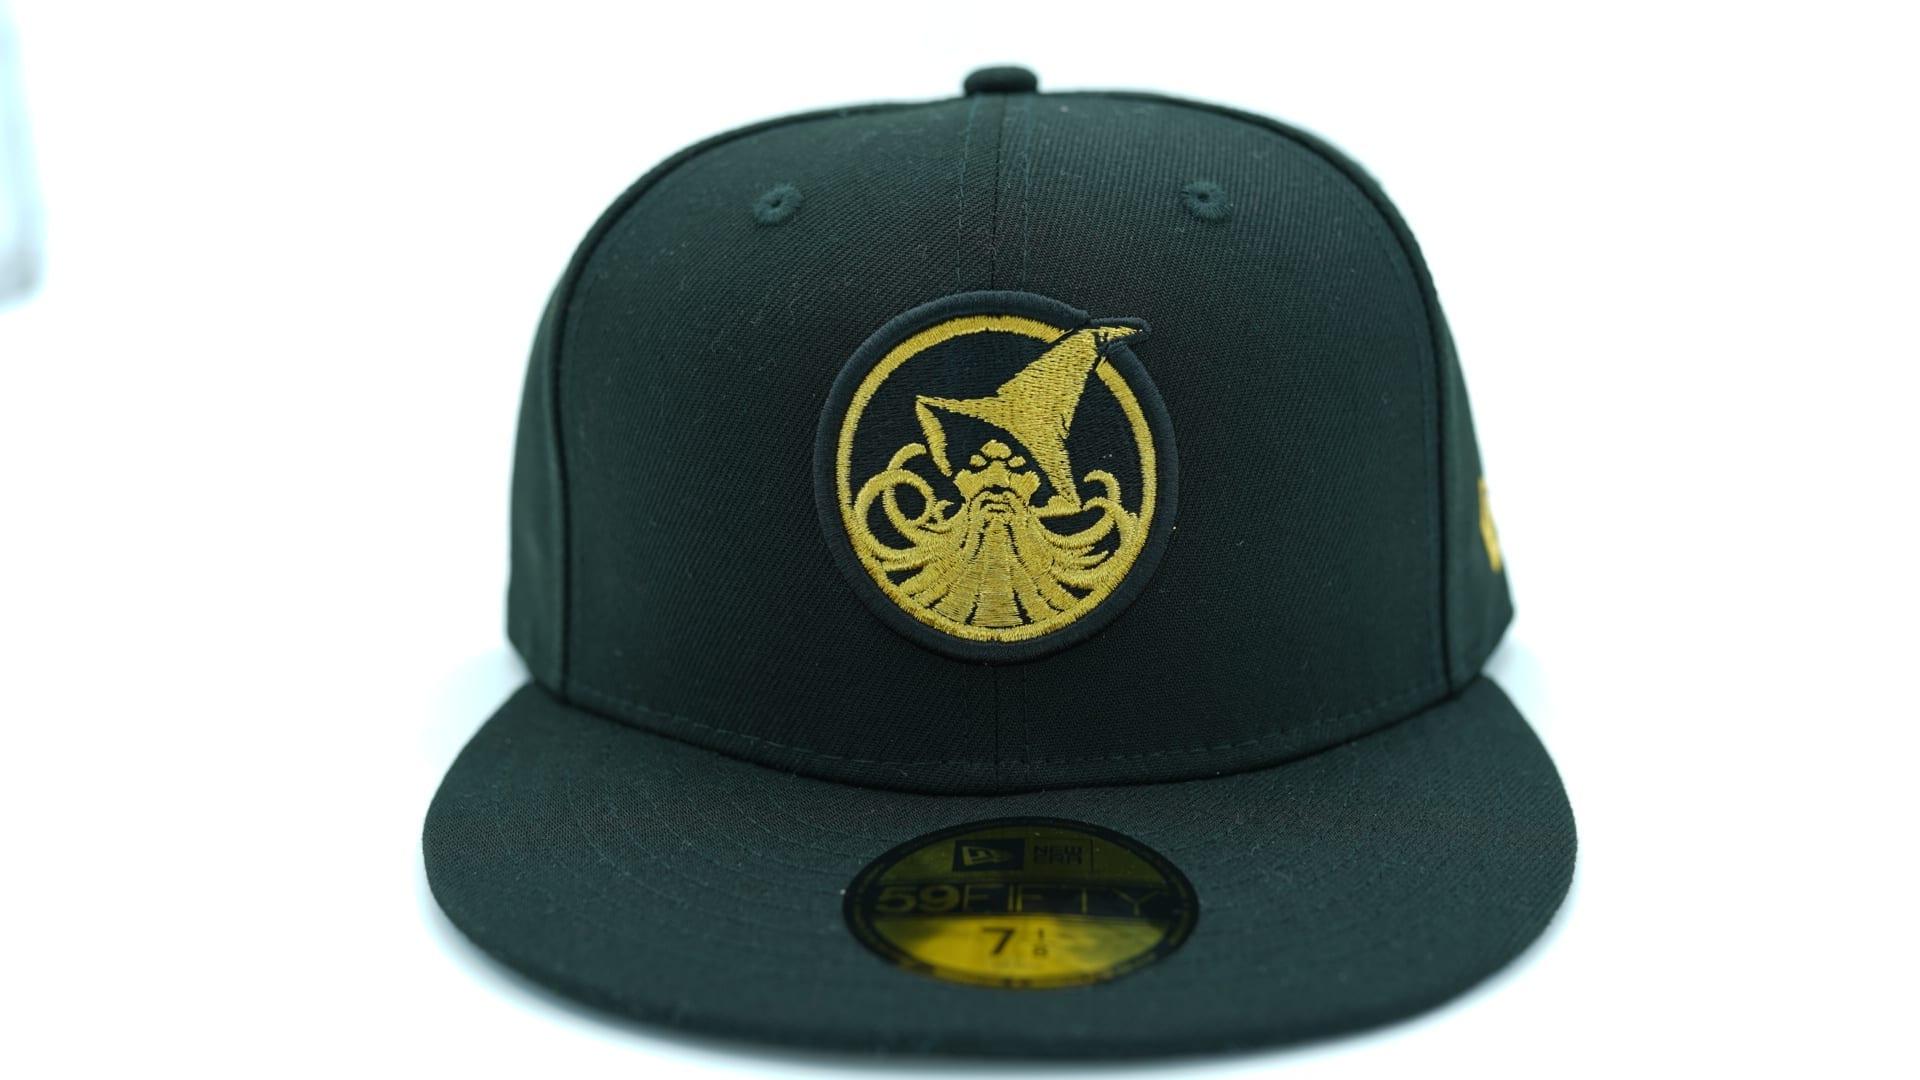 0548d834 official mlb hat fourth july dodgers 8e881 ddfaf